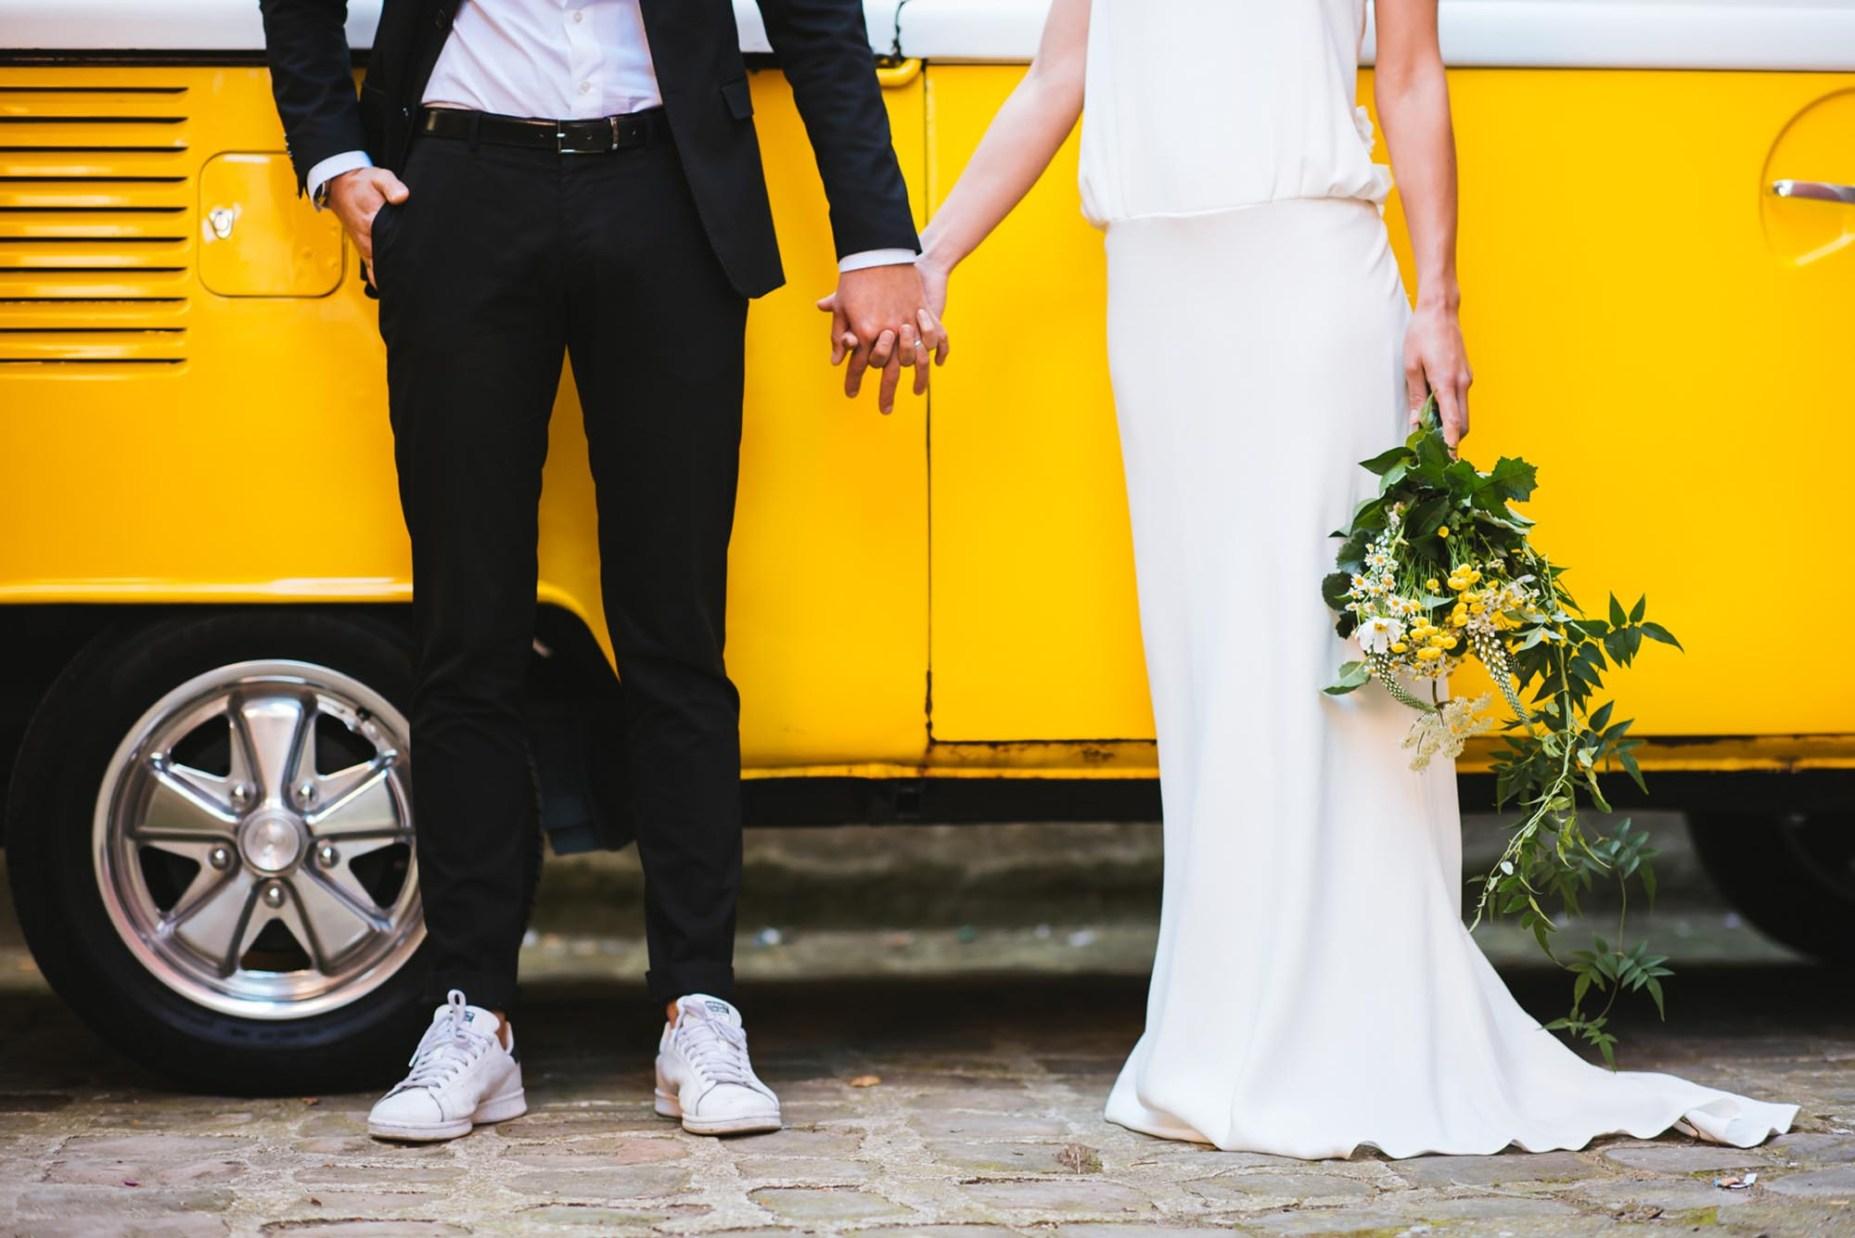 maldeme-photographe-mariage-inspiration-industriel-parislifestyle-15